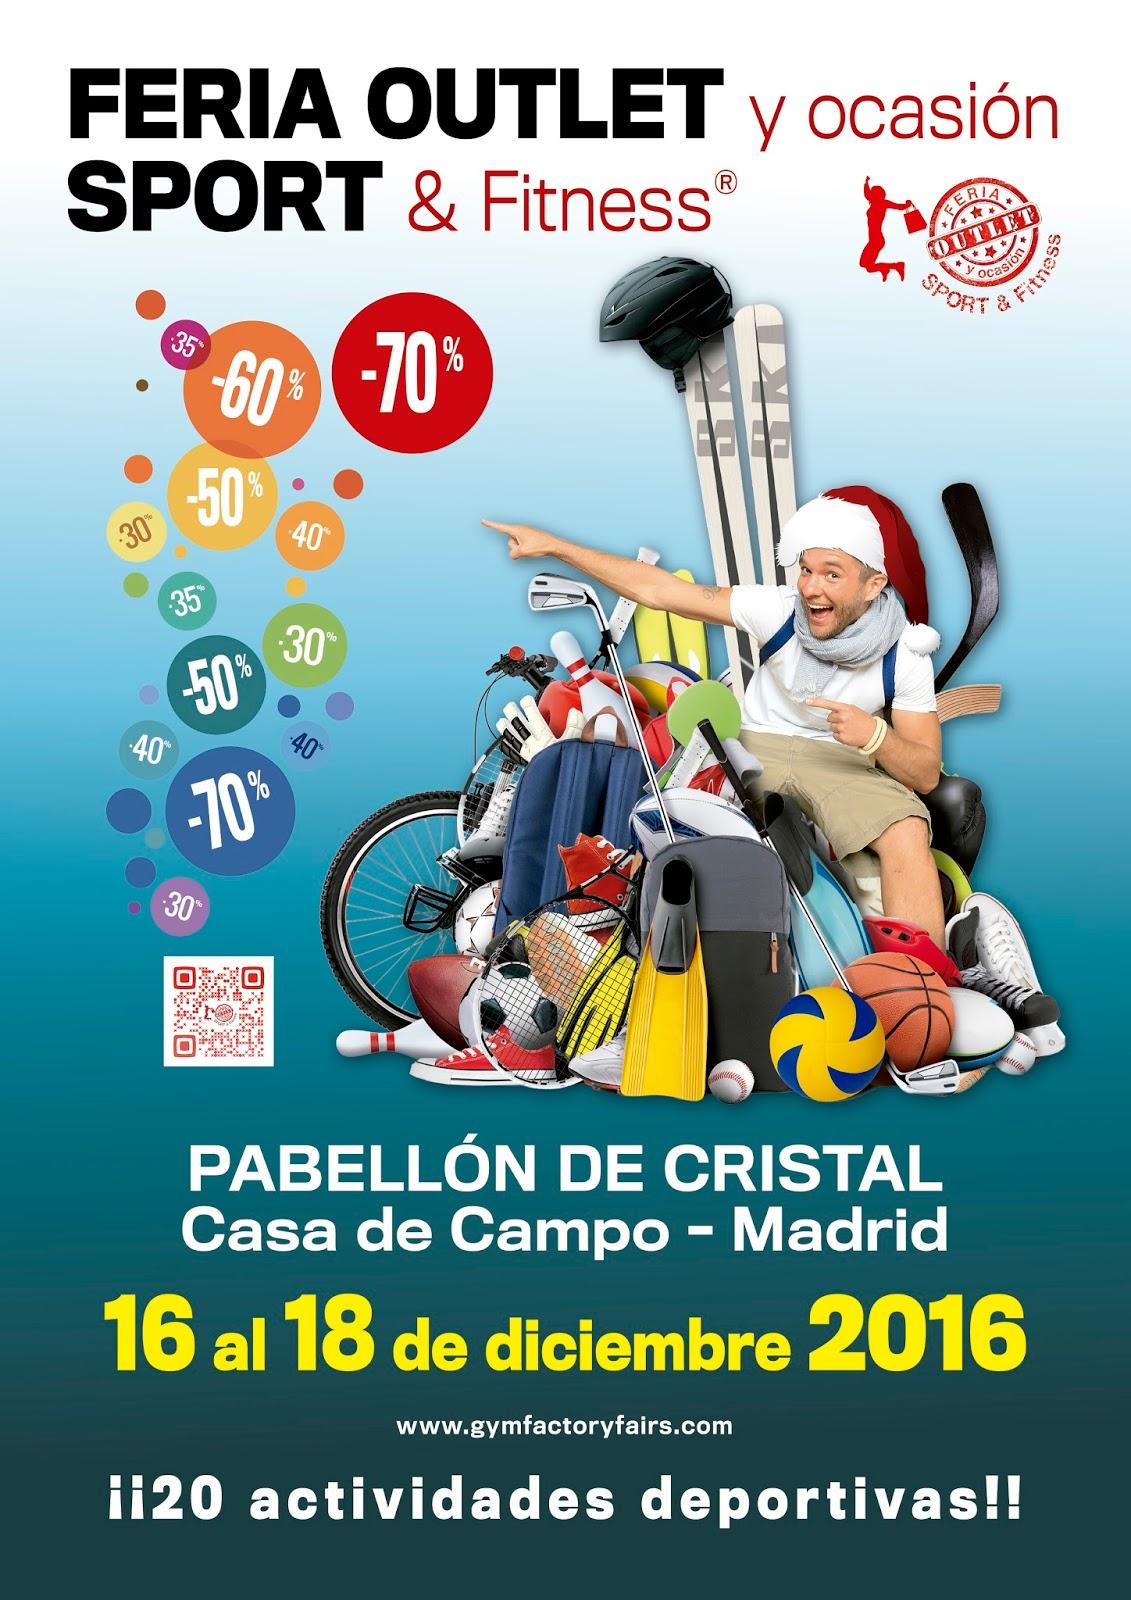 Nosolometro feria outlet y ocasi n sport fitness en el - Pabellon casa de campo madrid ...